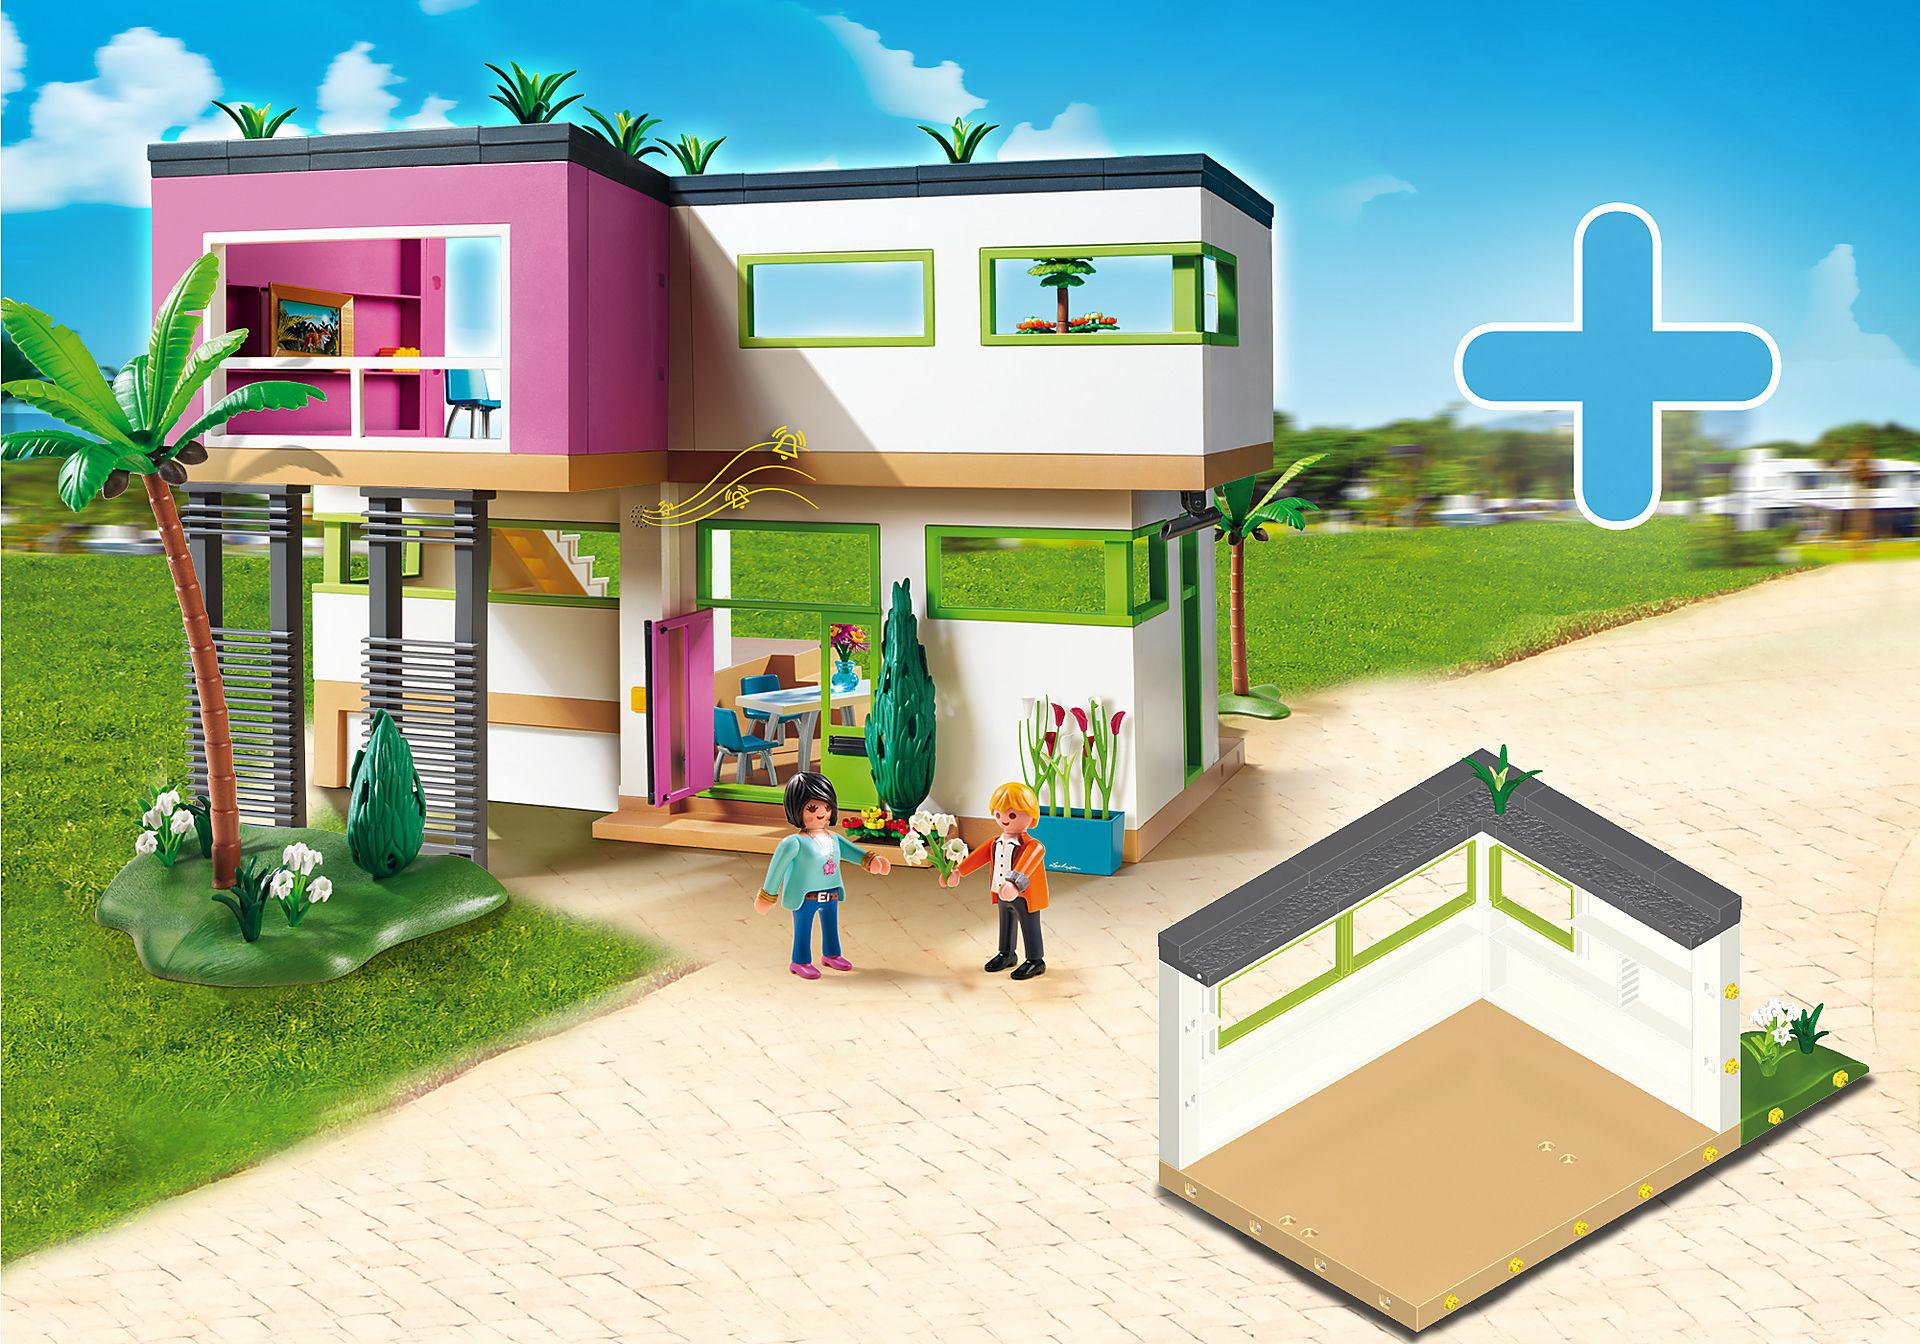 PM1905K Paquet Maison Moderne zoom image1